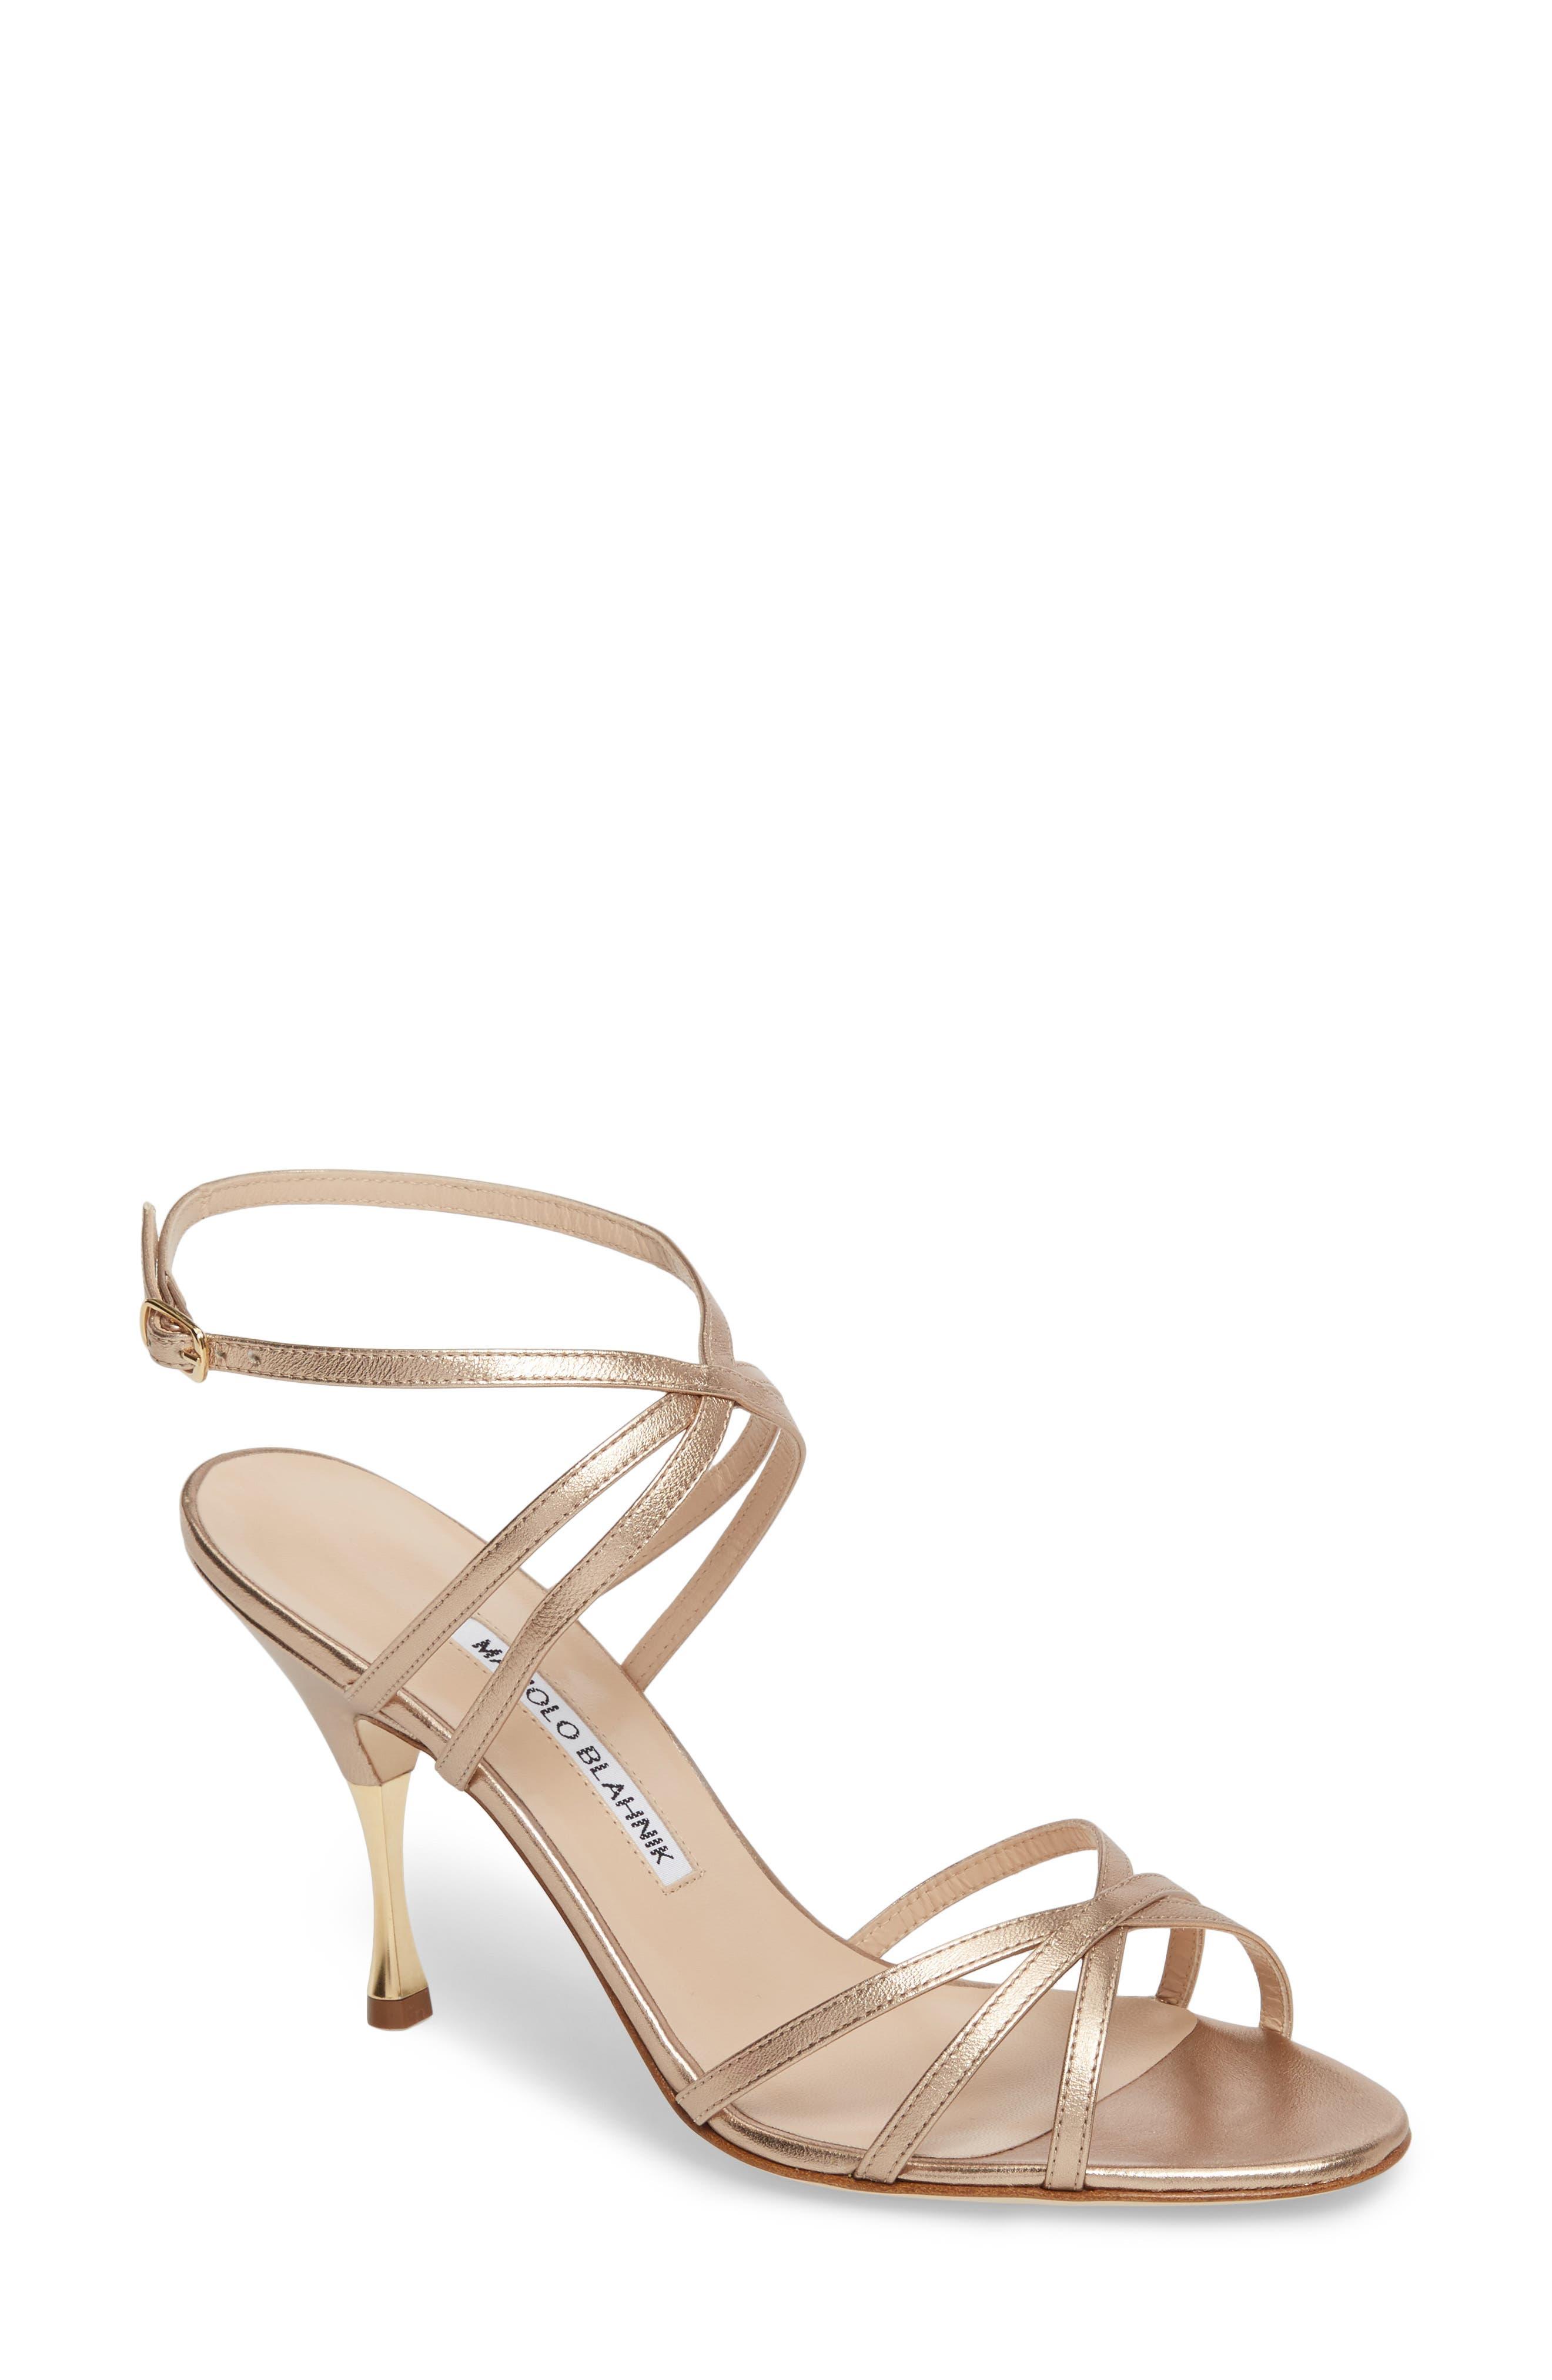 Naro Ankle Strap Sandal by Manolo Blahnik